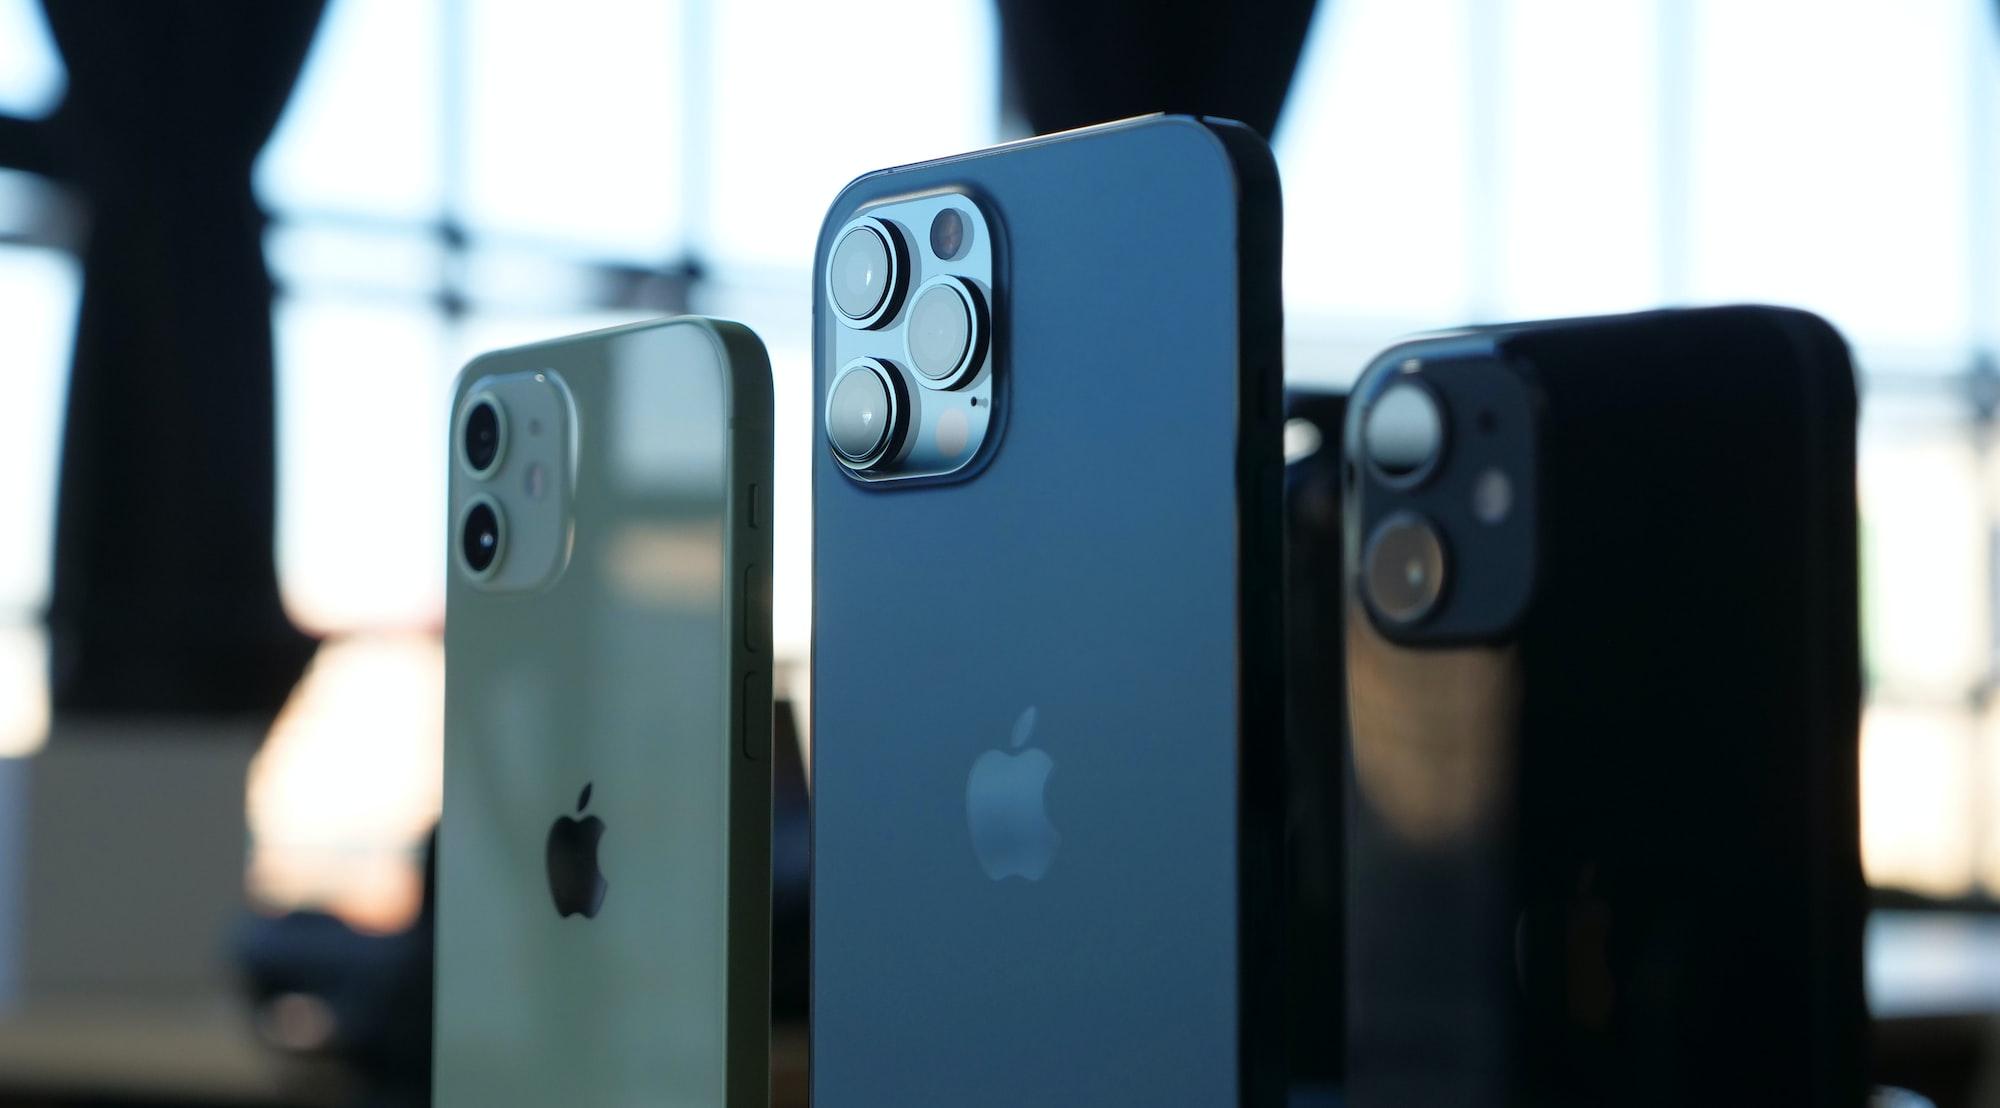 Novos iPhones deverão ser lançados em setembro - o regresso à tradição?